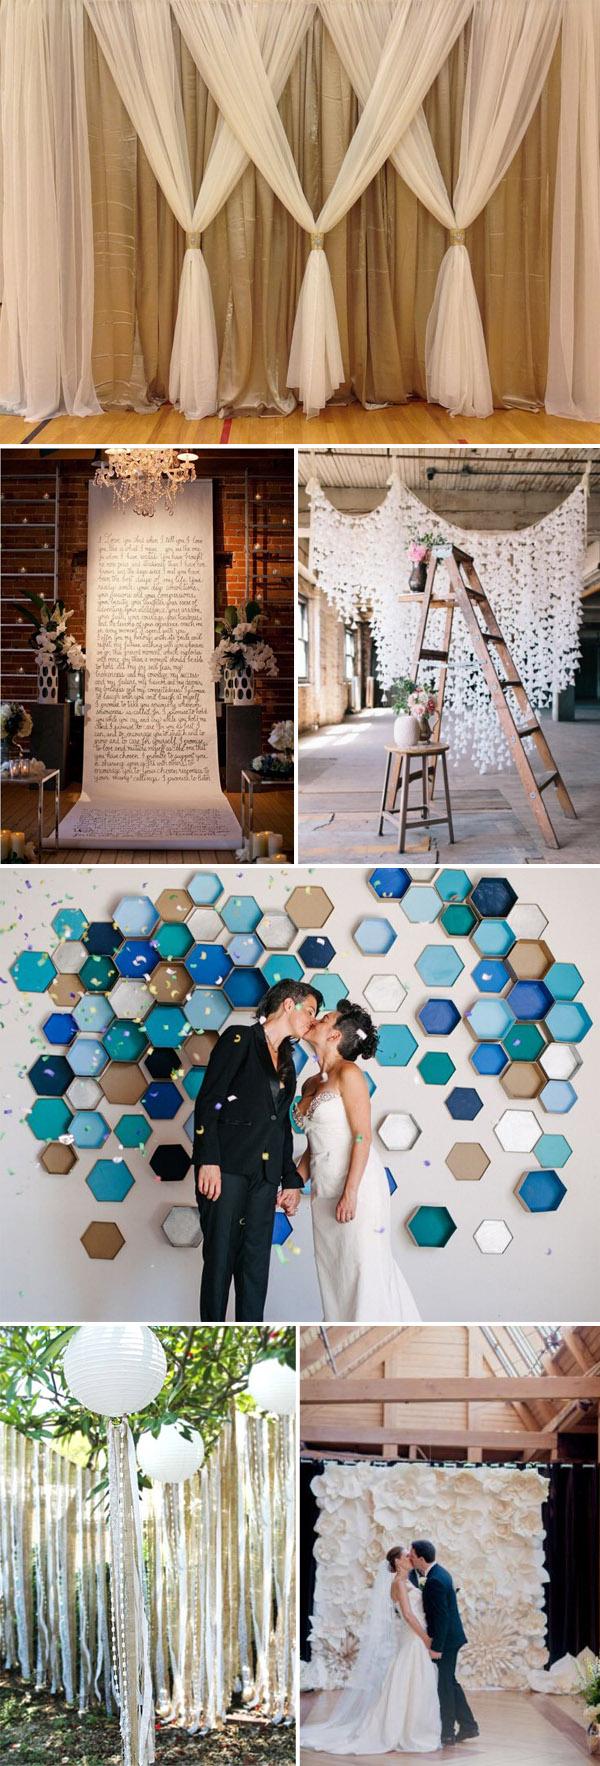 Wedding Backdrop Ideas Top 20 Unique Backdrops For Wedding Ceremony Ideas